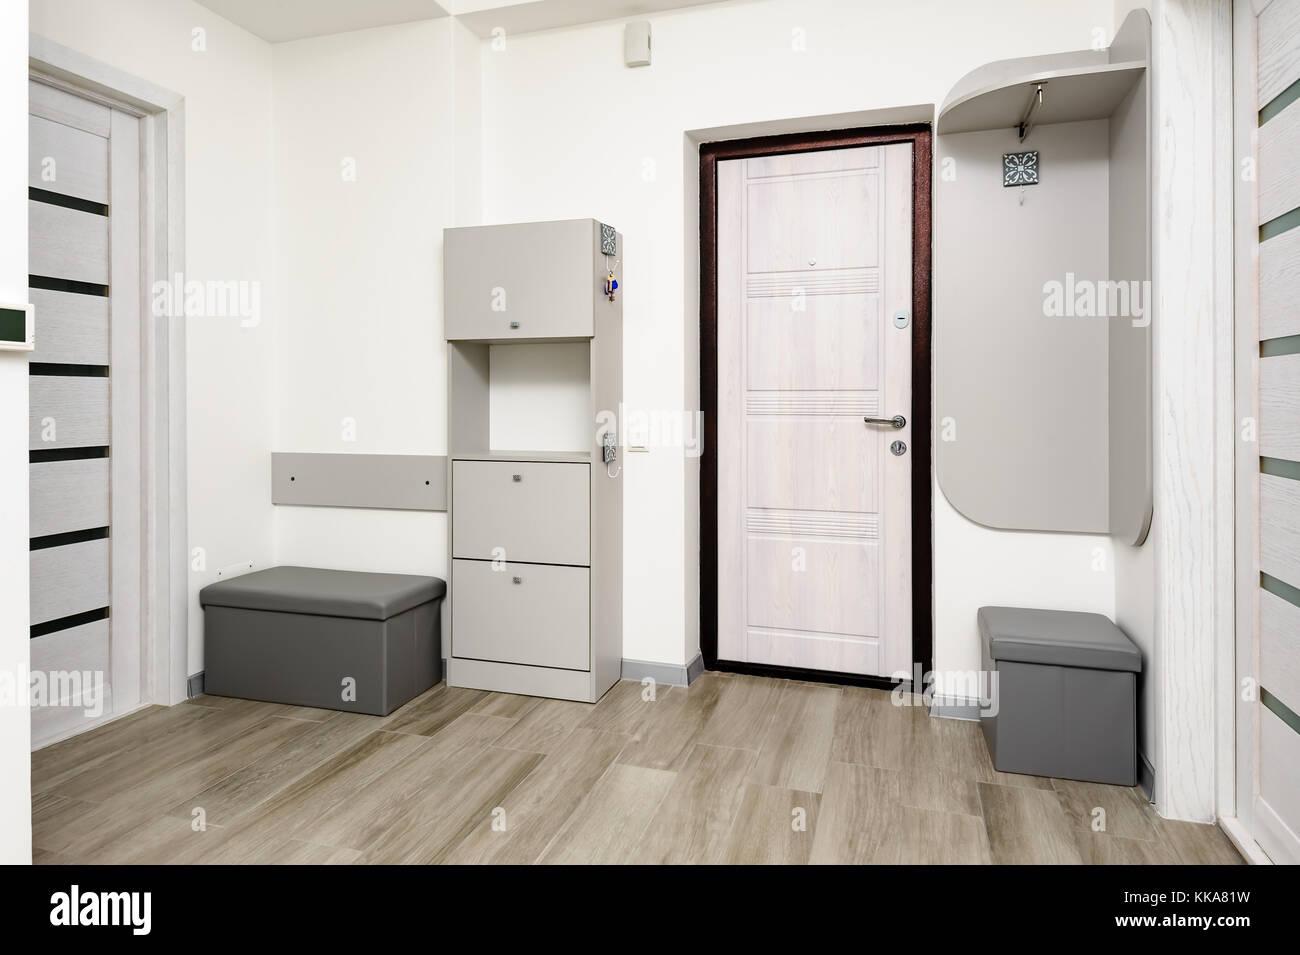 Wohnung Flur Mit Tur Und Schrank Stockfotografie Alamy